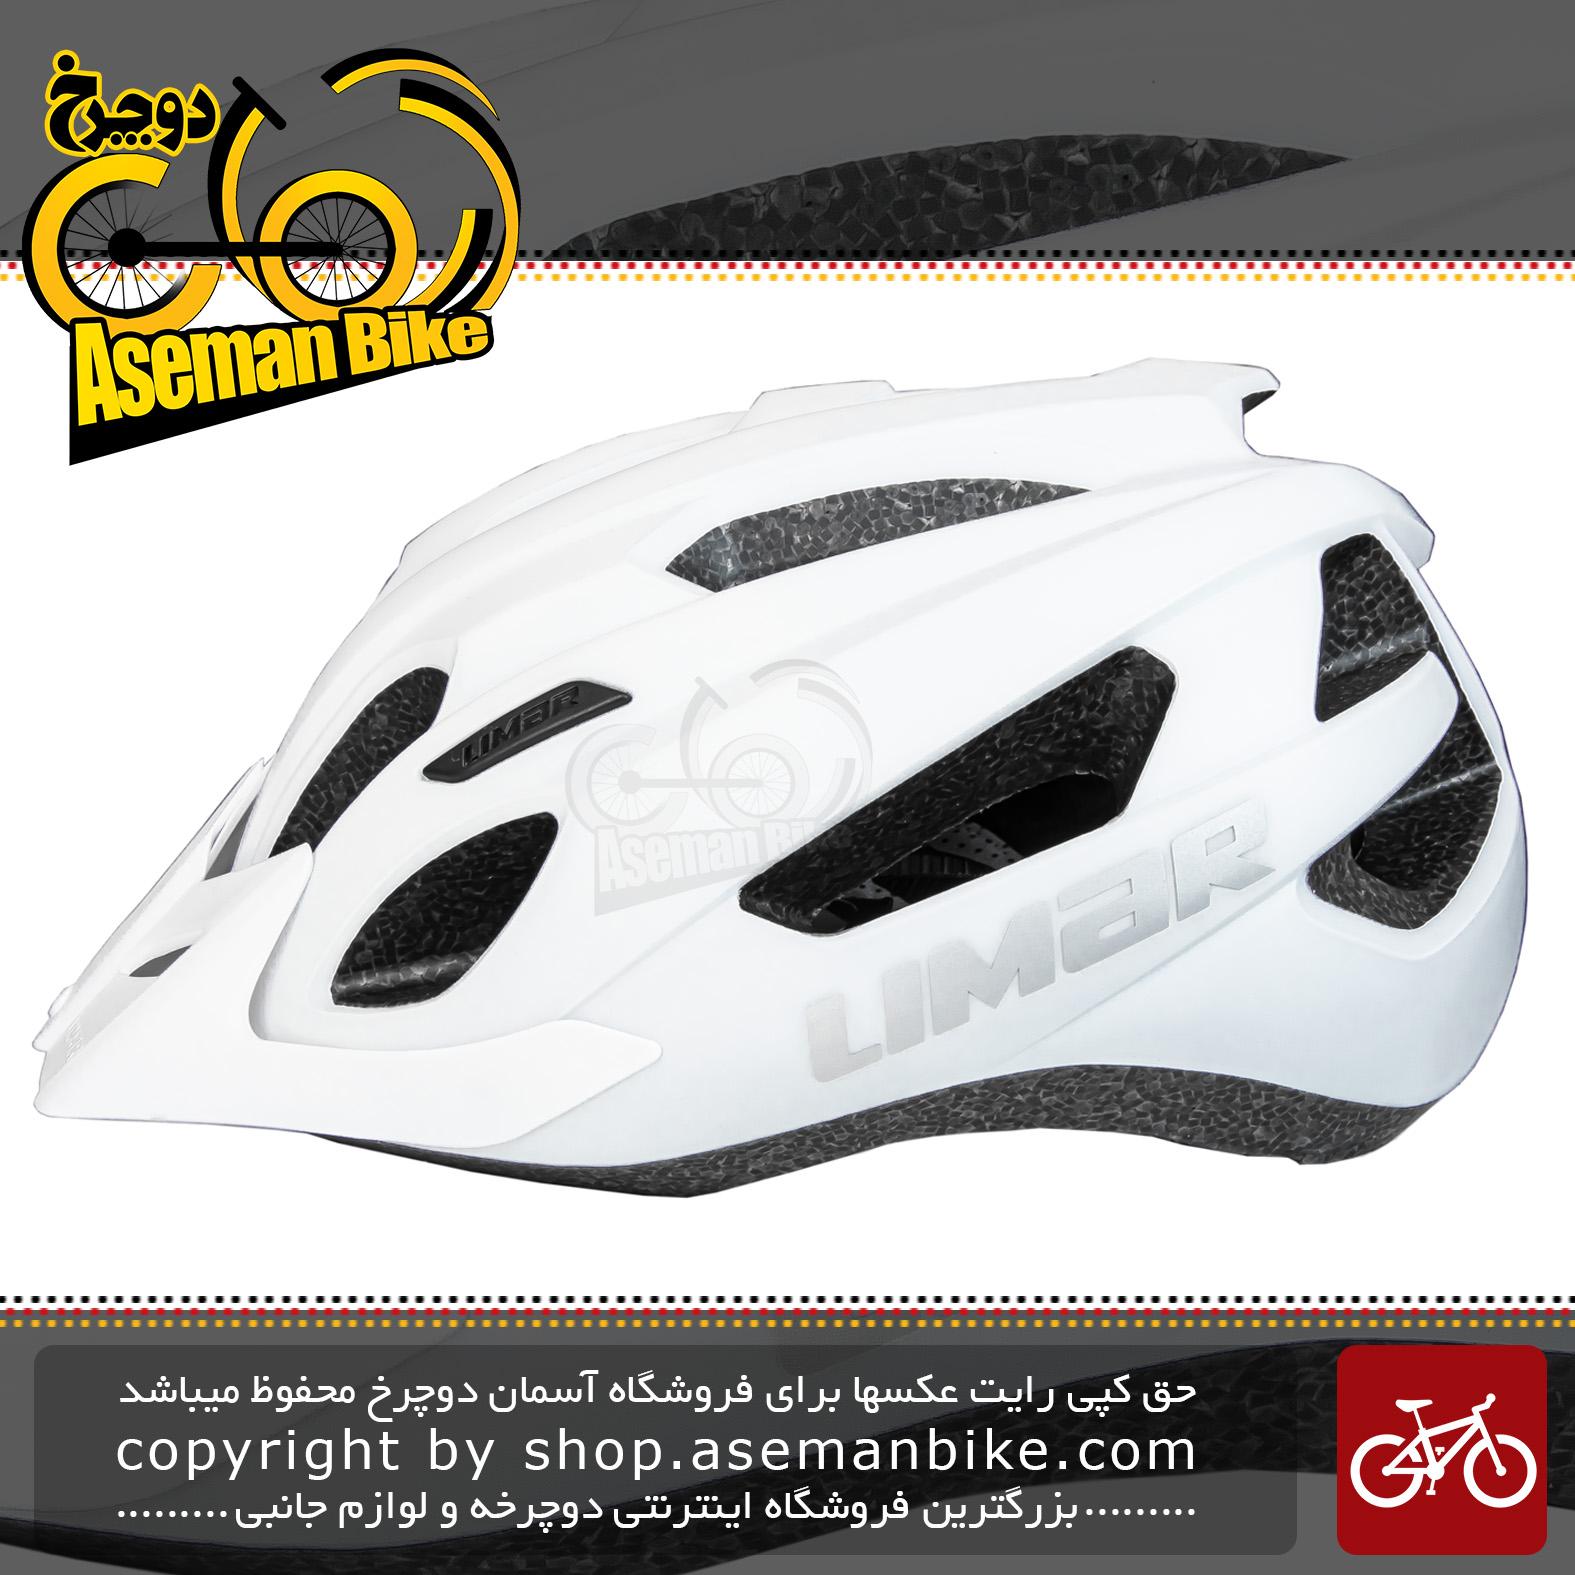 کلاه دوچرخه سواری لیمار مدل BERG-EM سفید مات برند ایتالیایی سایز 57 تا 62 سانتی متر Limar Helmet Bicycle BERG-EM 57-62 CM WHITE Matte